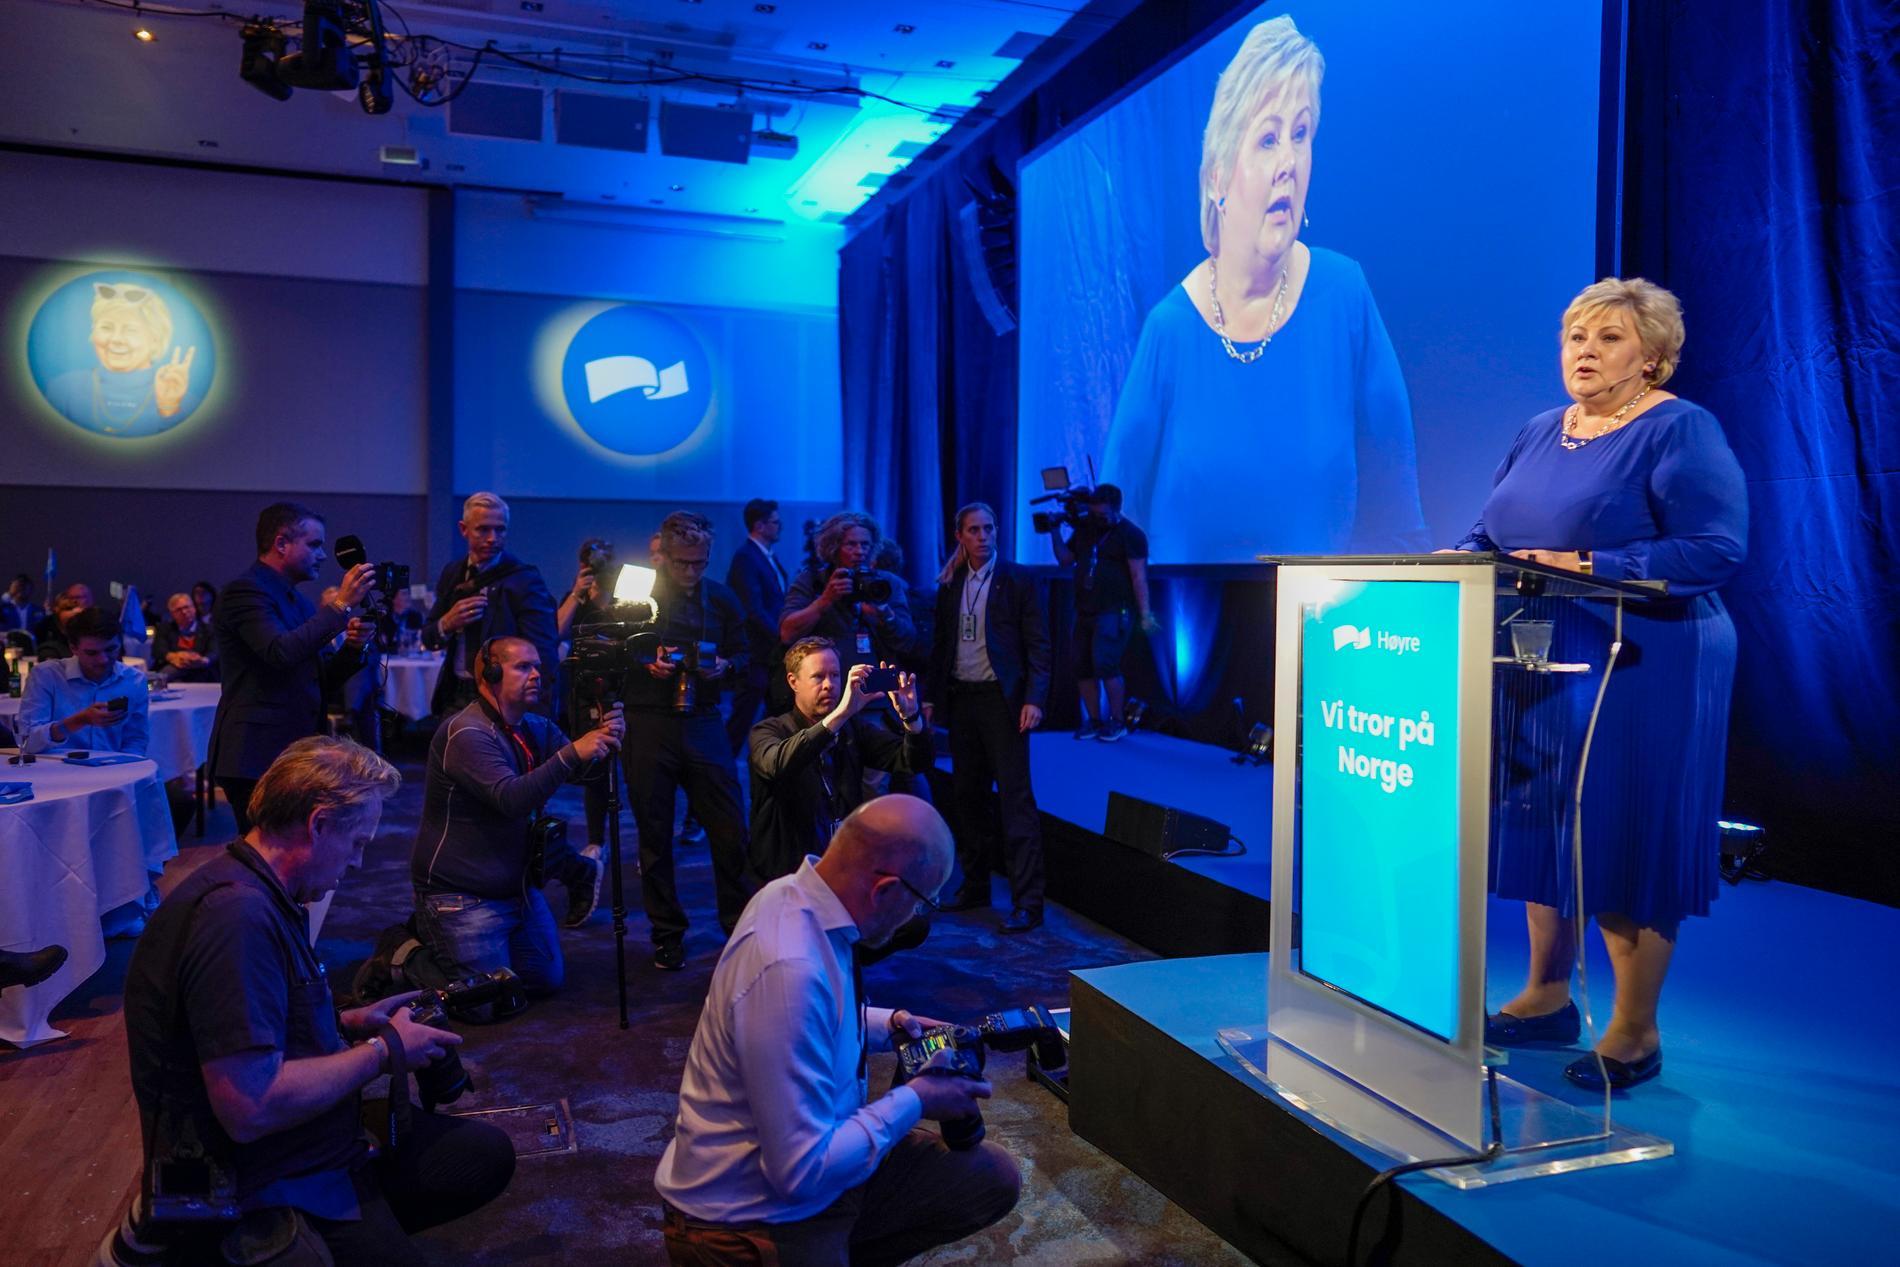 Høyre och Erna Solberg har efter åtta år vid makten nu erkänt sig besegrade.